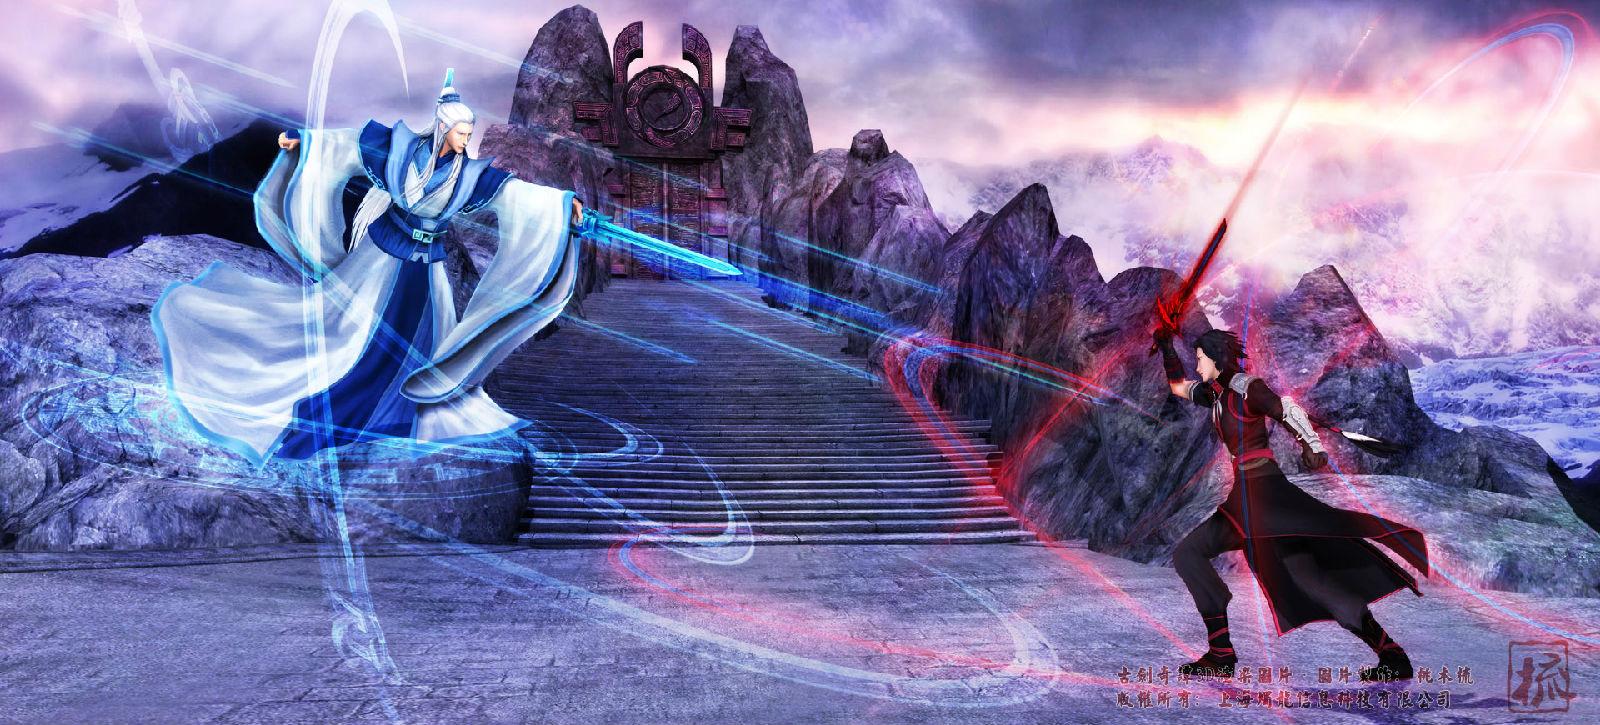 求桃木梳的仙剑古剑图包图片